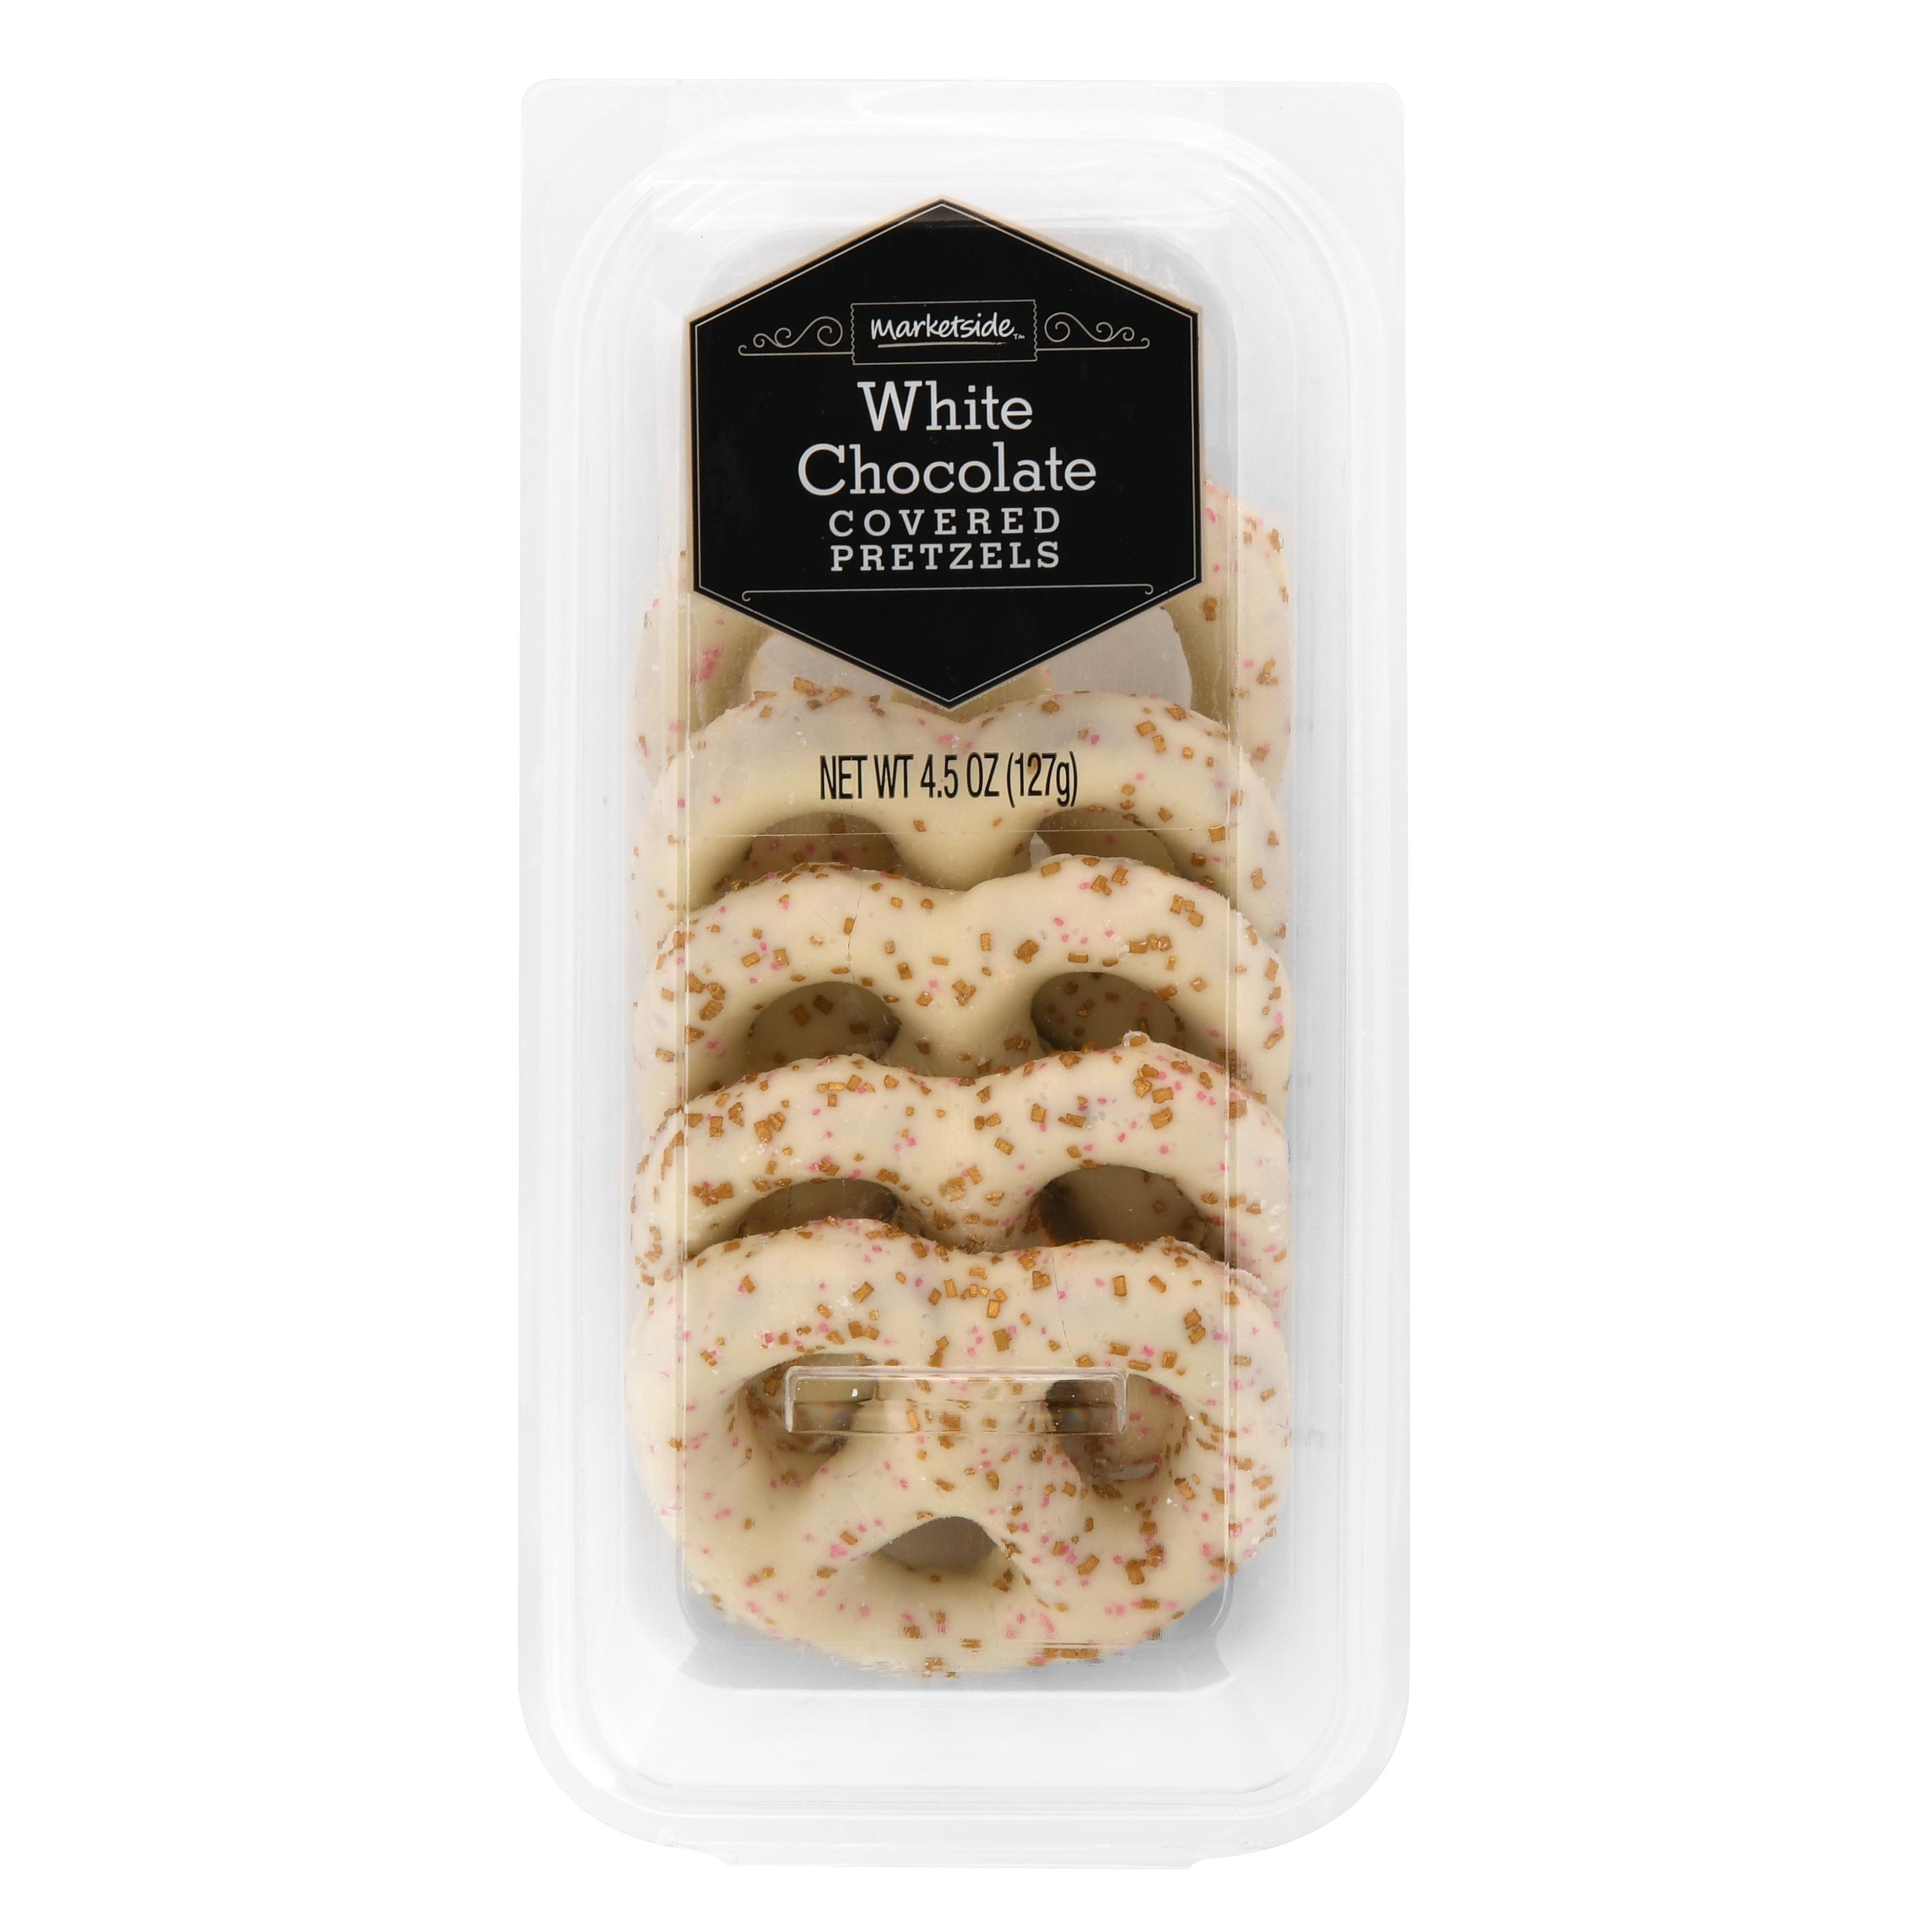 Marketside White Chocolate Covered Pretzels, 4.5 oz, 5 Count ...